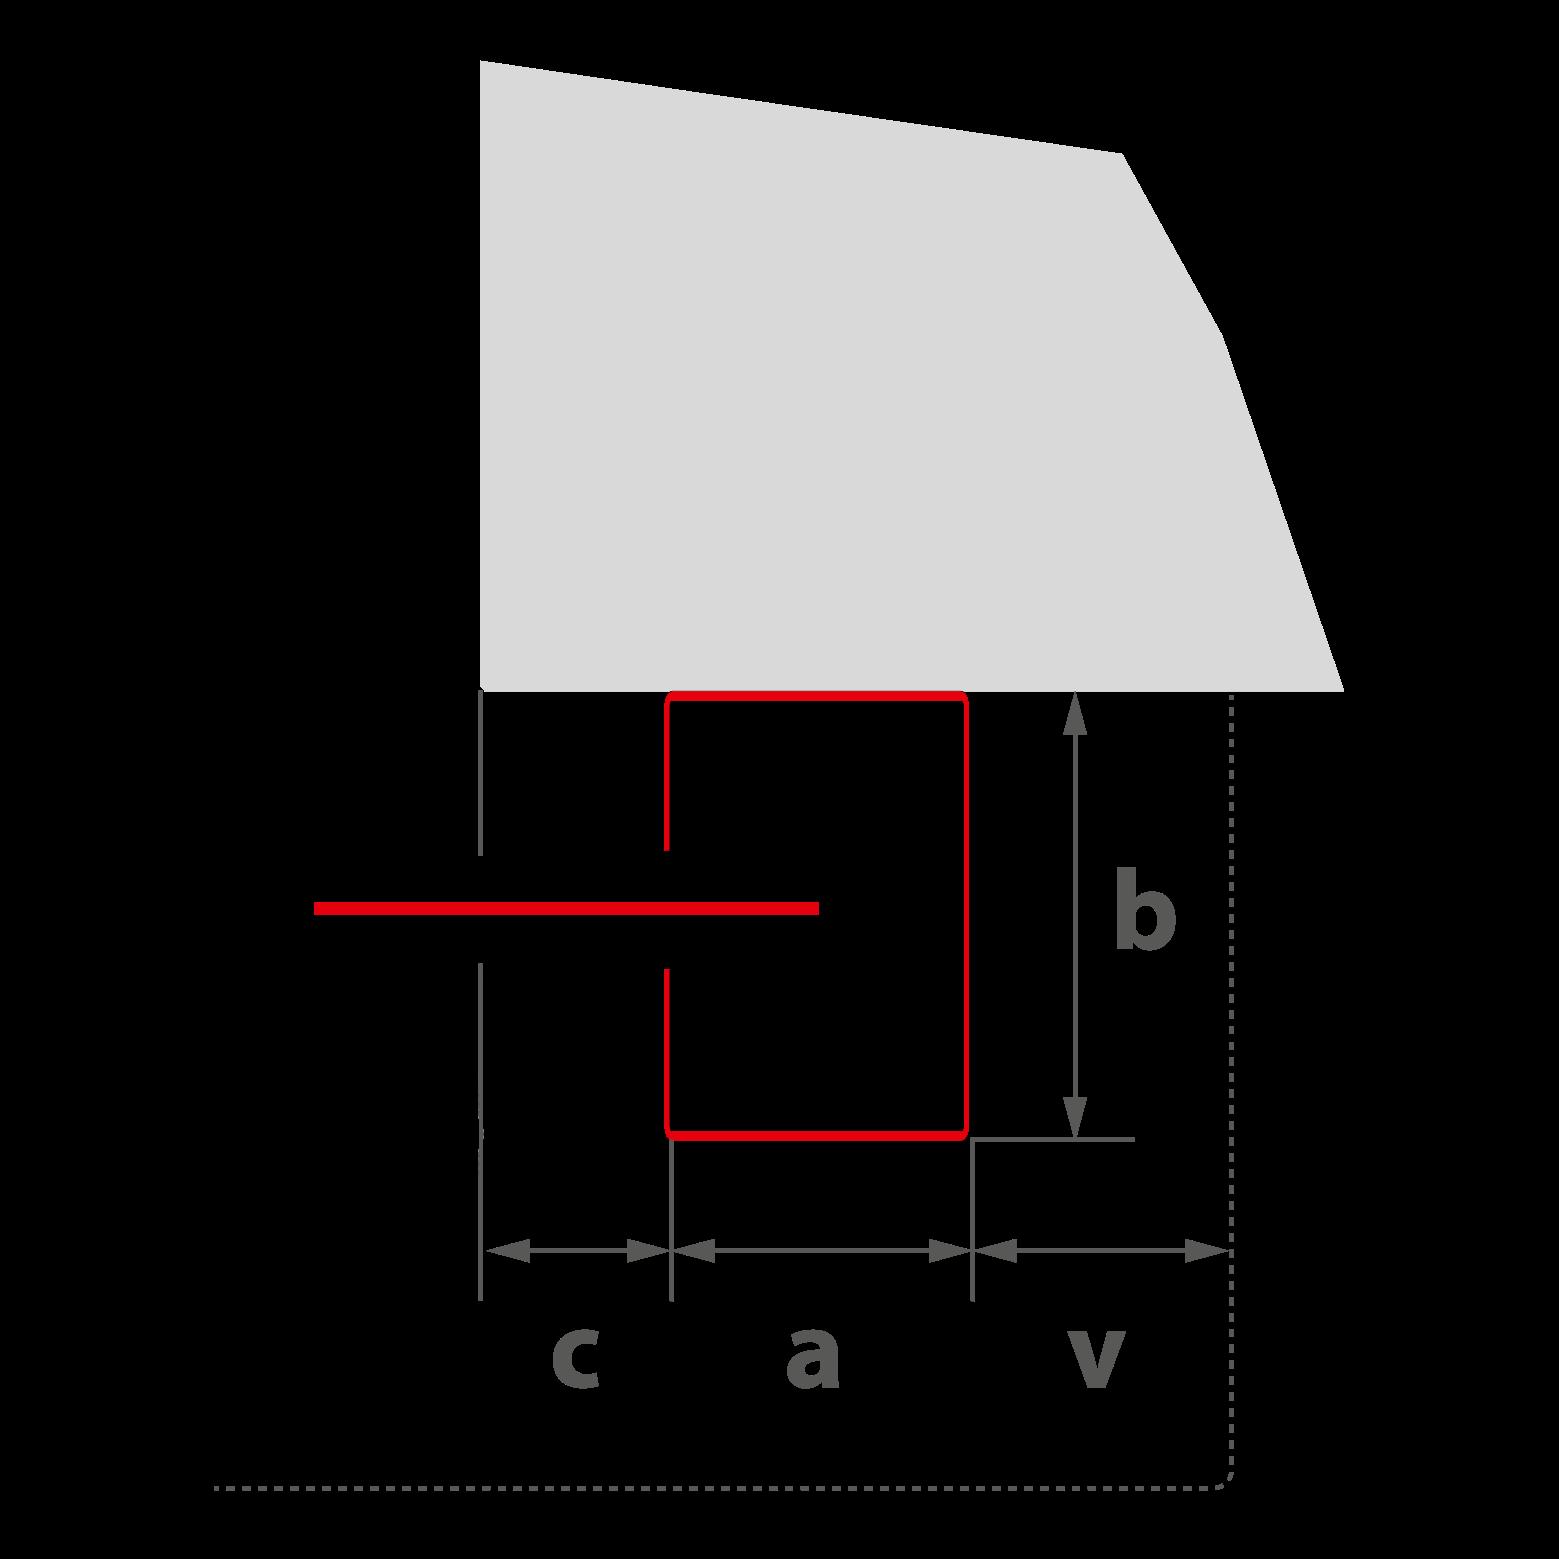 """{""""a"""":""""90 mm"""", """"b"""":""""120 mm"""", """"v"""":""""60 mm"""", """"c1"""":""""0 mm für EI<sub>1,2</sub>30"""", """"c2"""":""""60 mm für EI<sub>2</sub> 60"""", """"G"""":""""Gehäuse""""}"""